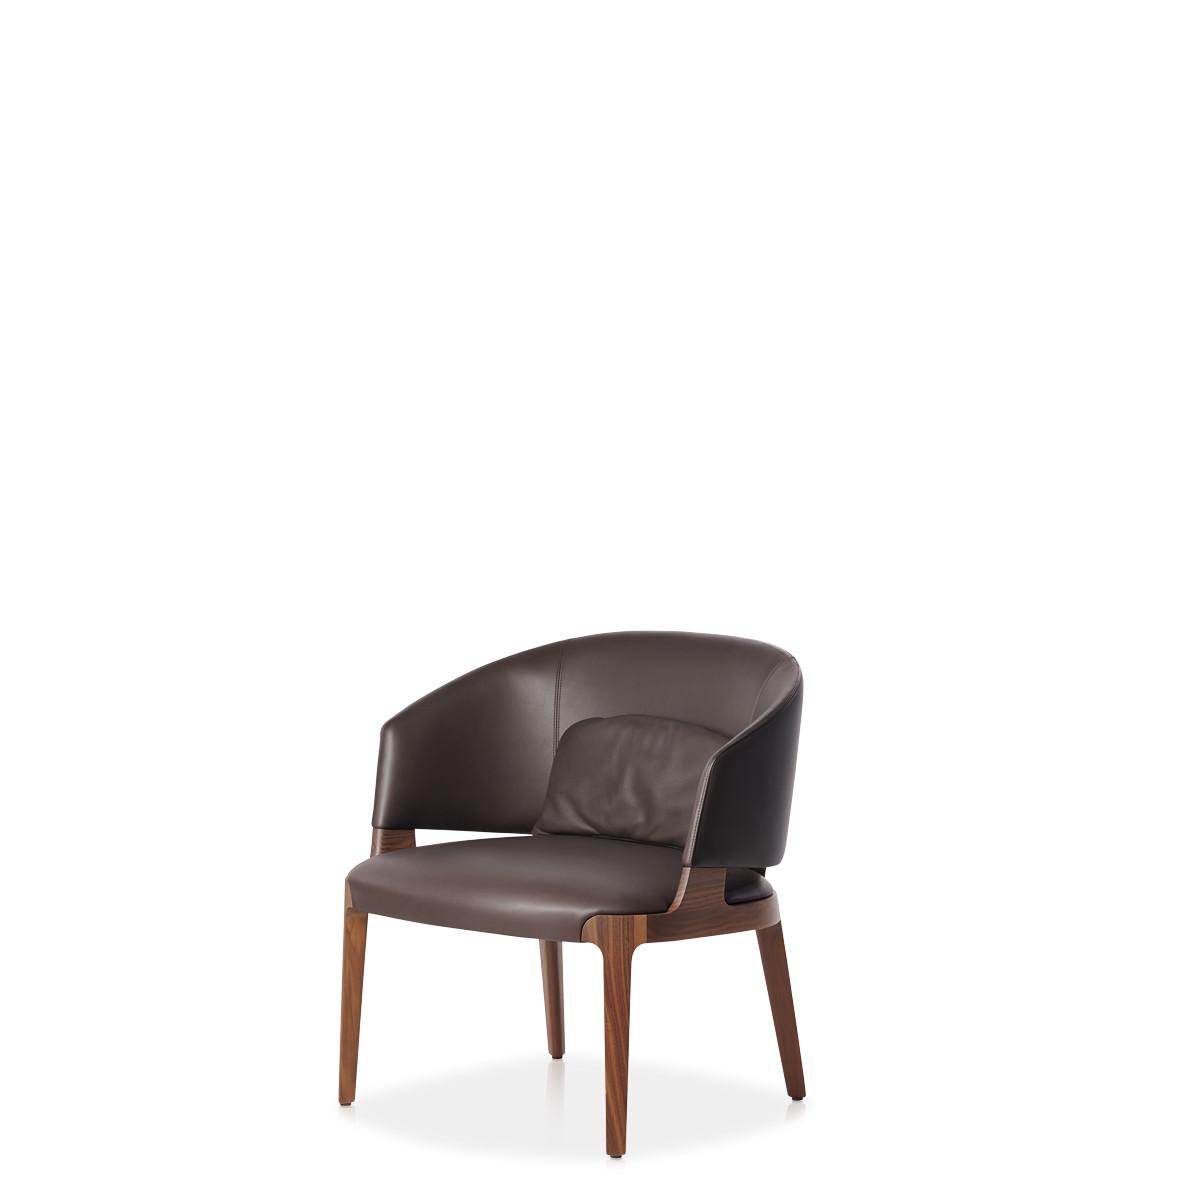 Entdecken Sie bei Conzept Beckord besondere Designmöbel! Hier finden Sie Potocco Sofas und Sessel: Velis braun